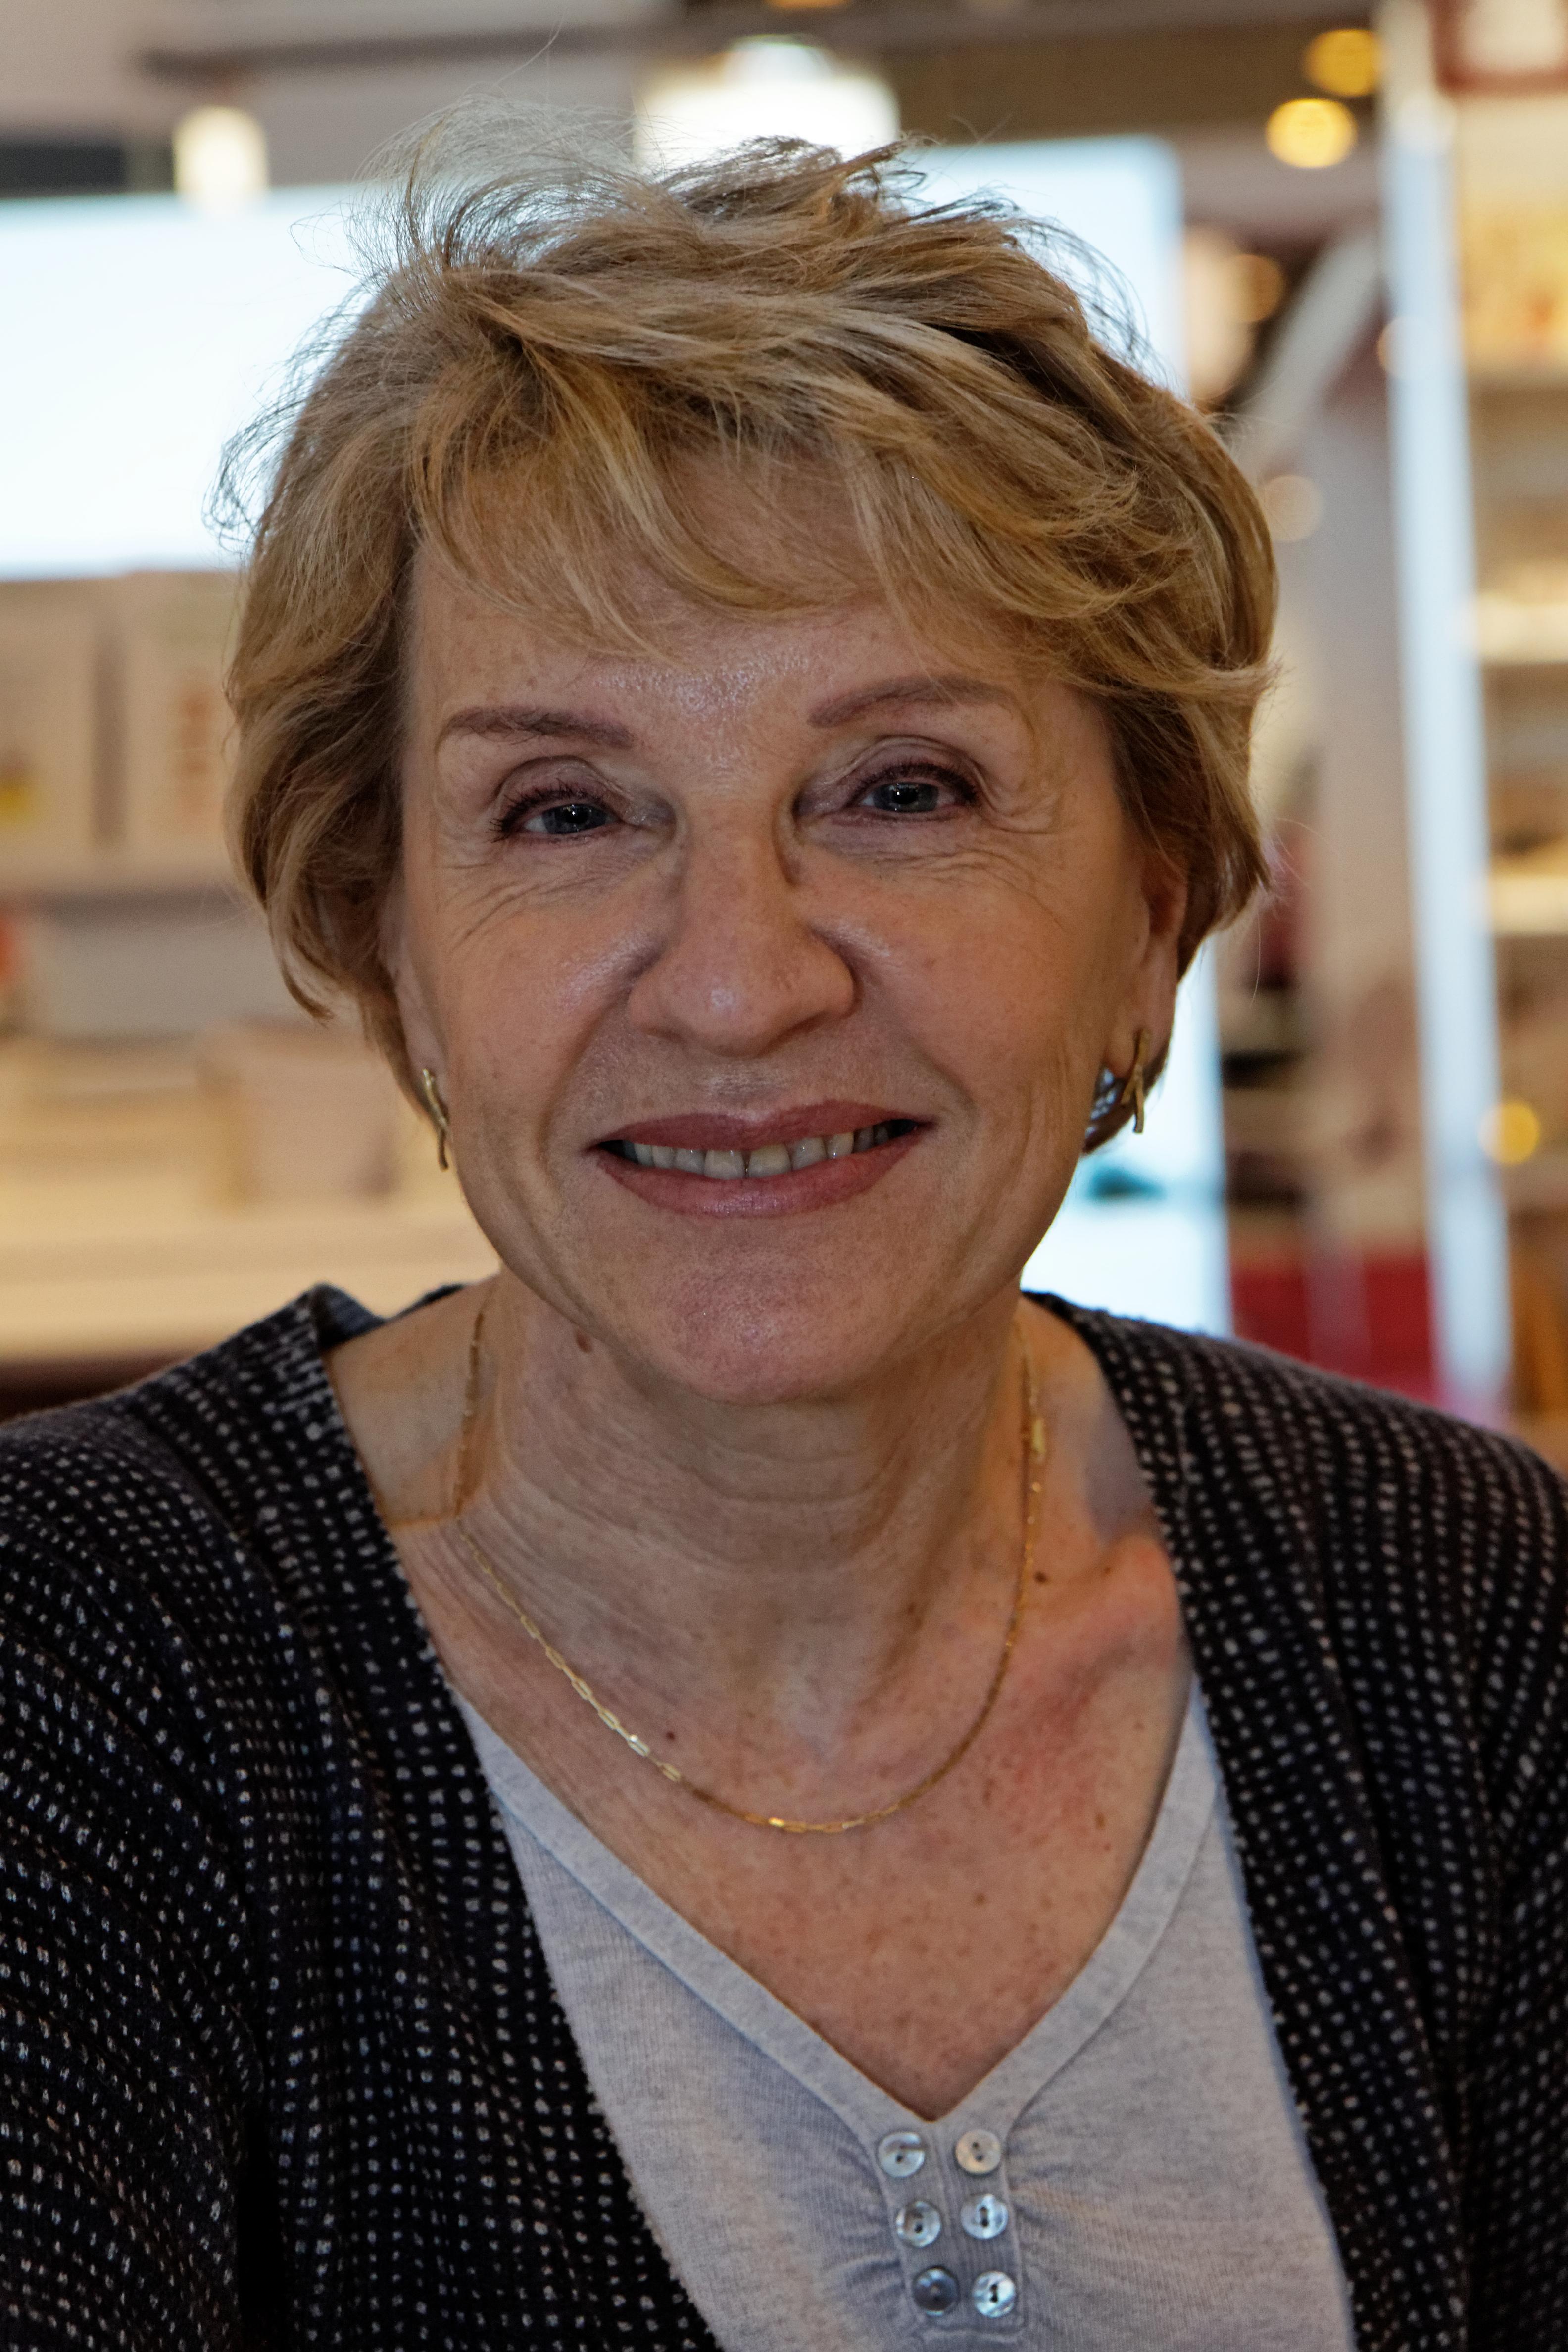 Marie-France Hirigoyen at the Paris Book Fair 2012.